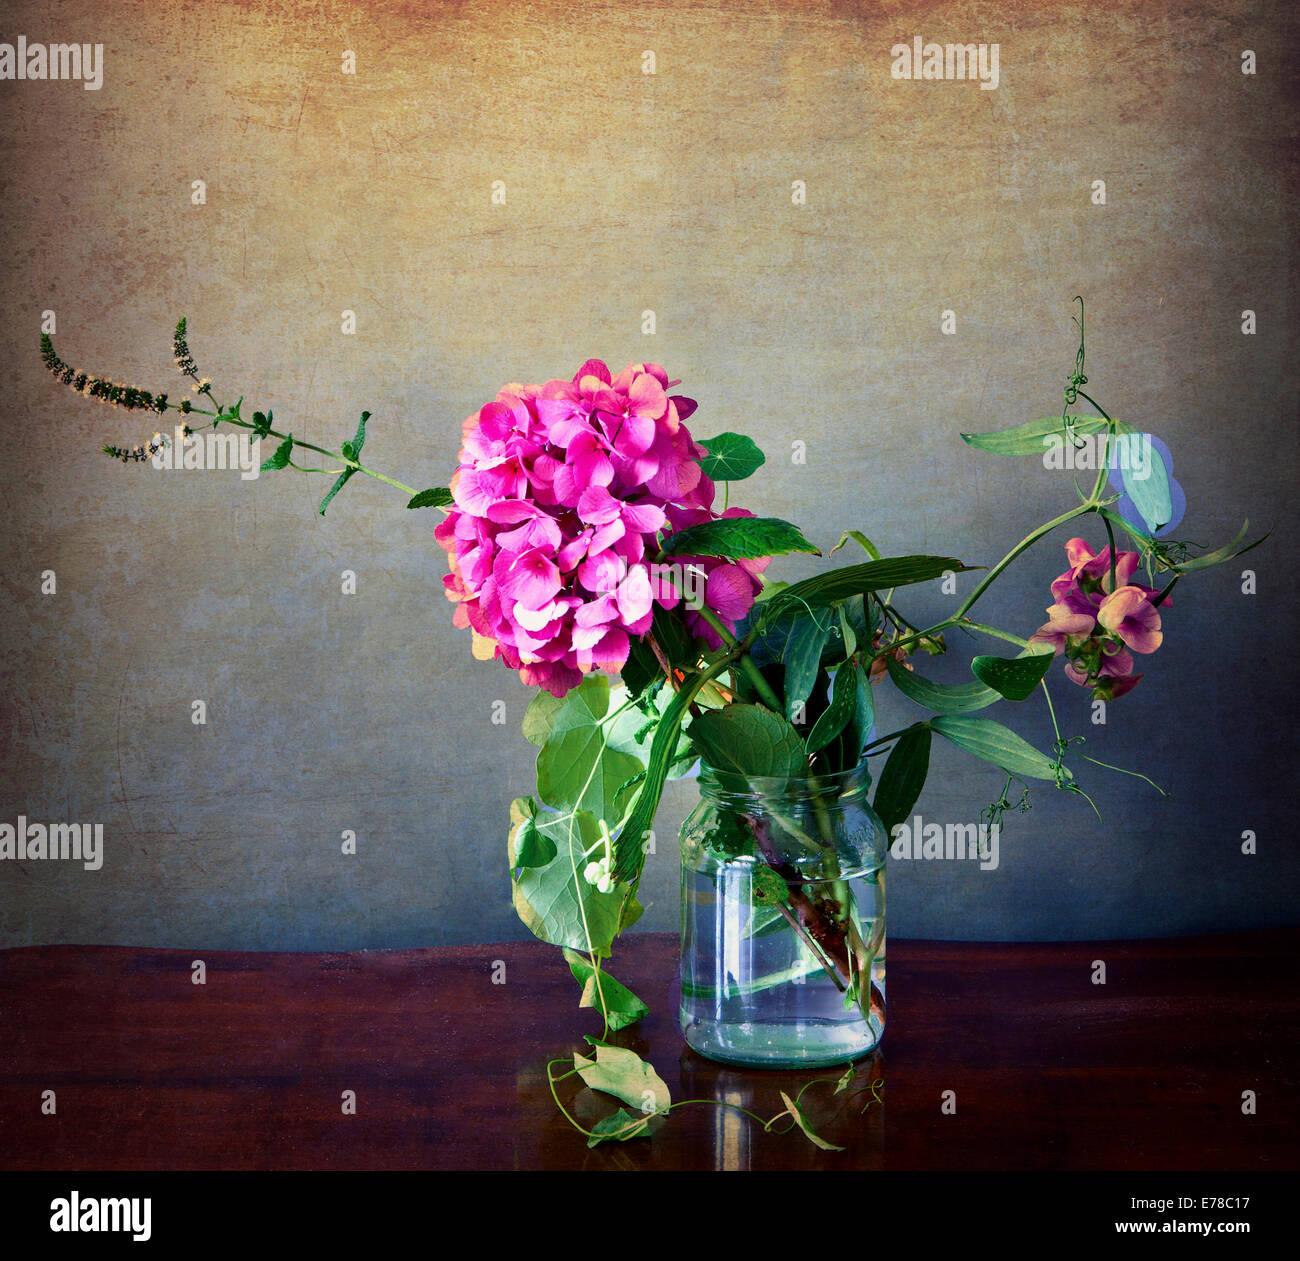 Rosa ortensie e fiori di campo in un bicchiere con texture vintage e retrò Instagram-simili effetti aggiunti Immagini Stock